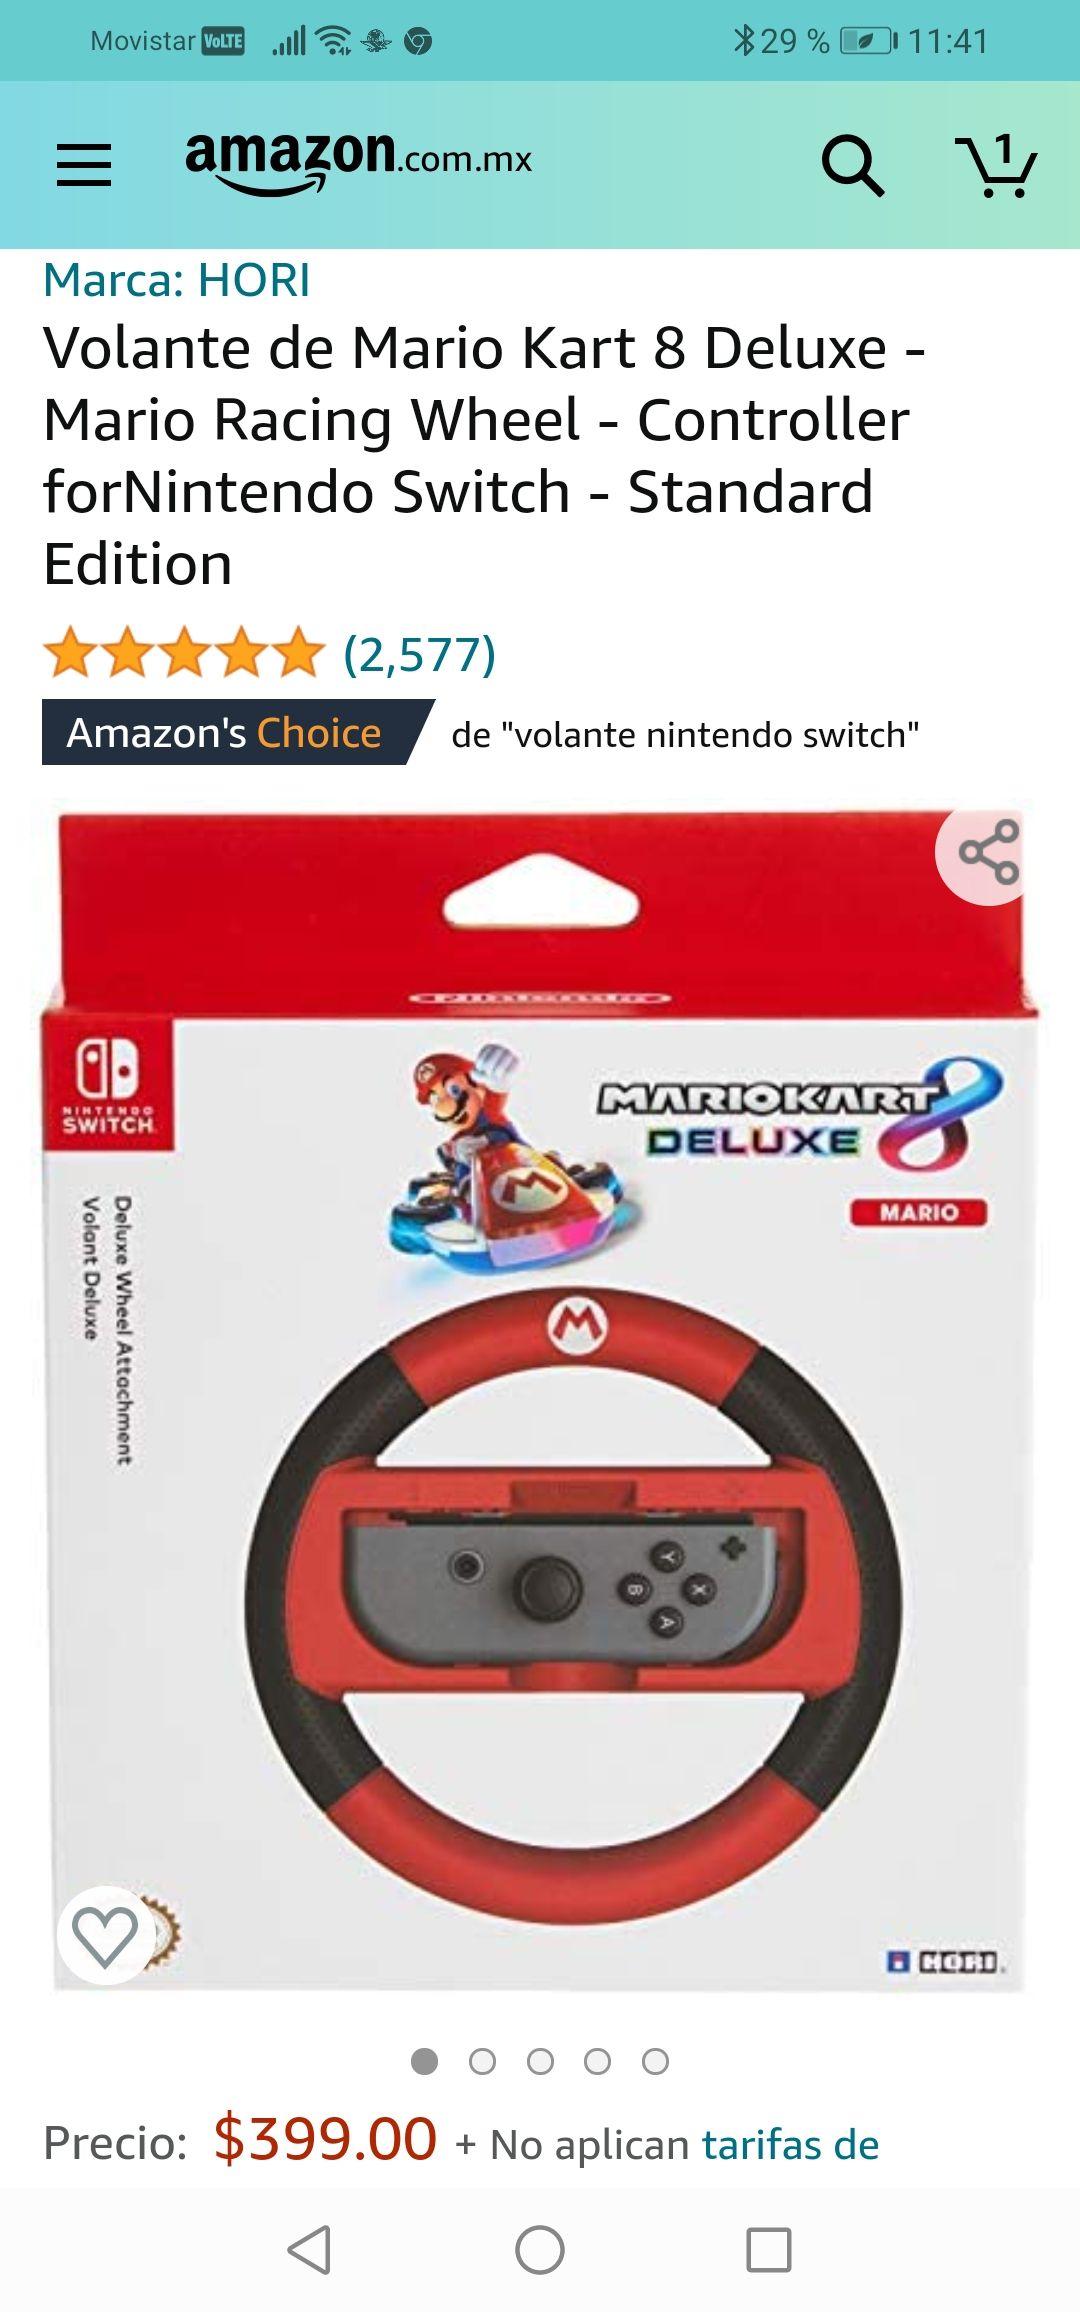 Amazon: Volante de Mario Kart 8 Deluxe - Mario Racing Wheel - Controller forNintendo Switch - Standard Edition